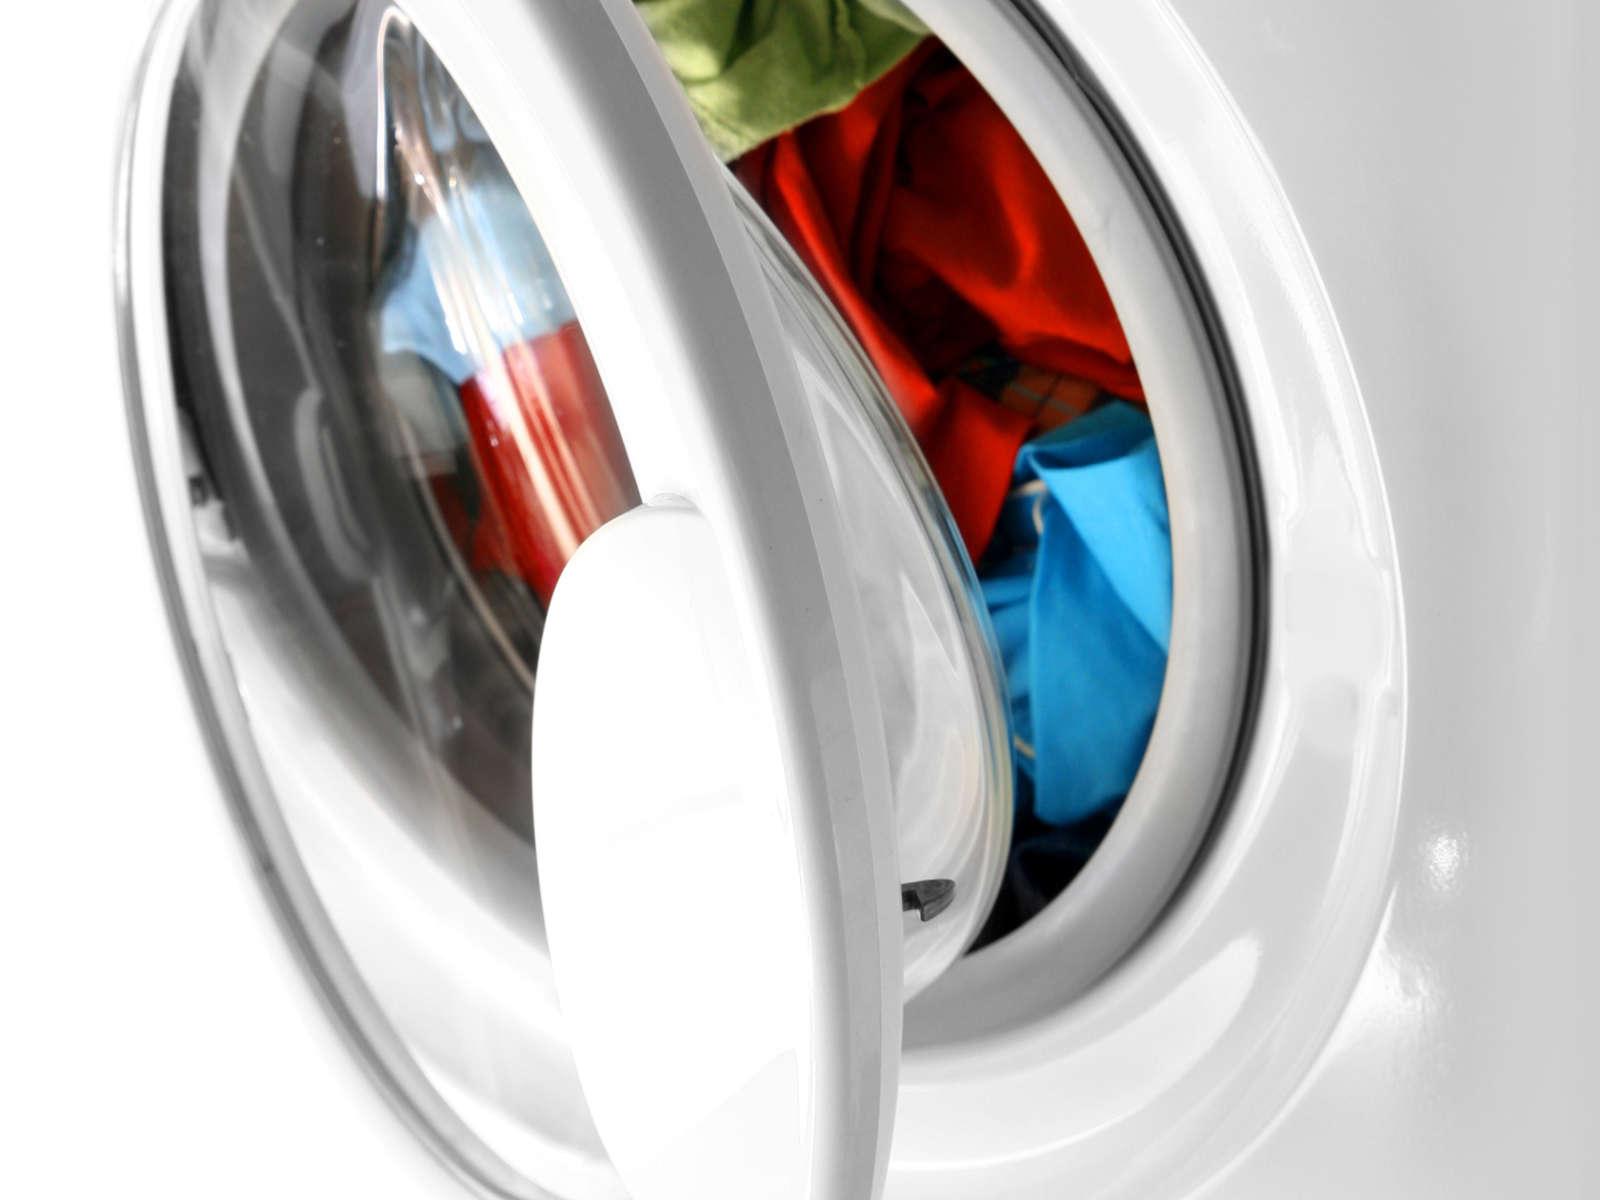 Pyykinpesukoneen Pesuainelokerot